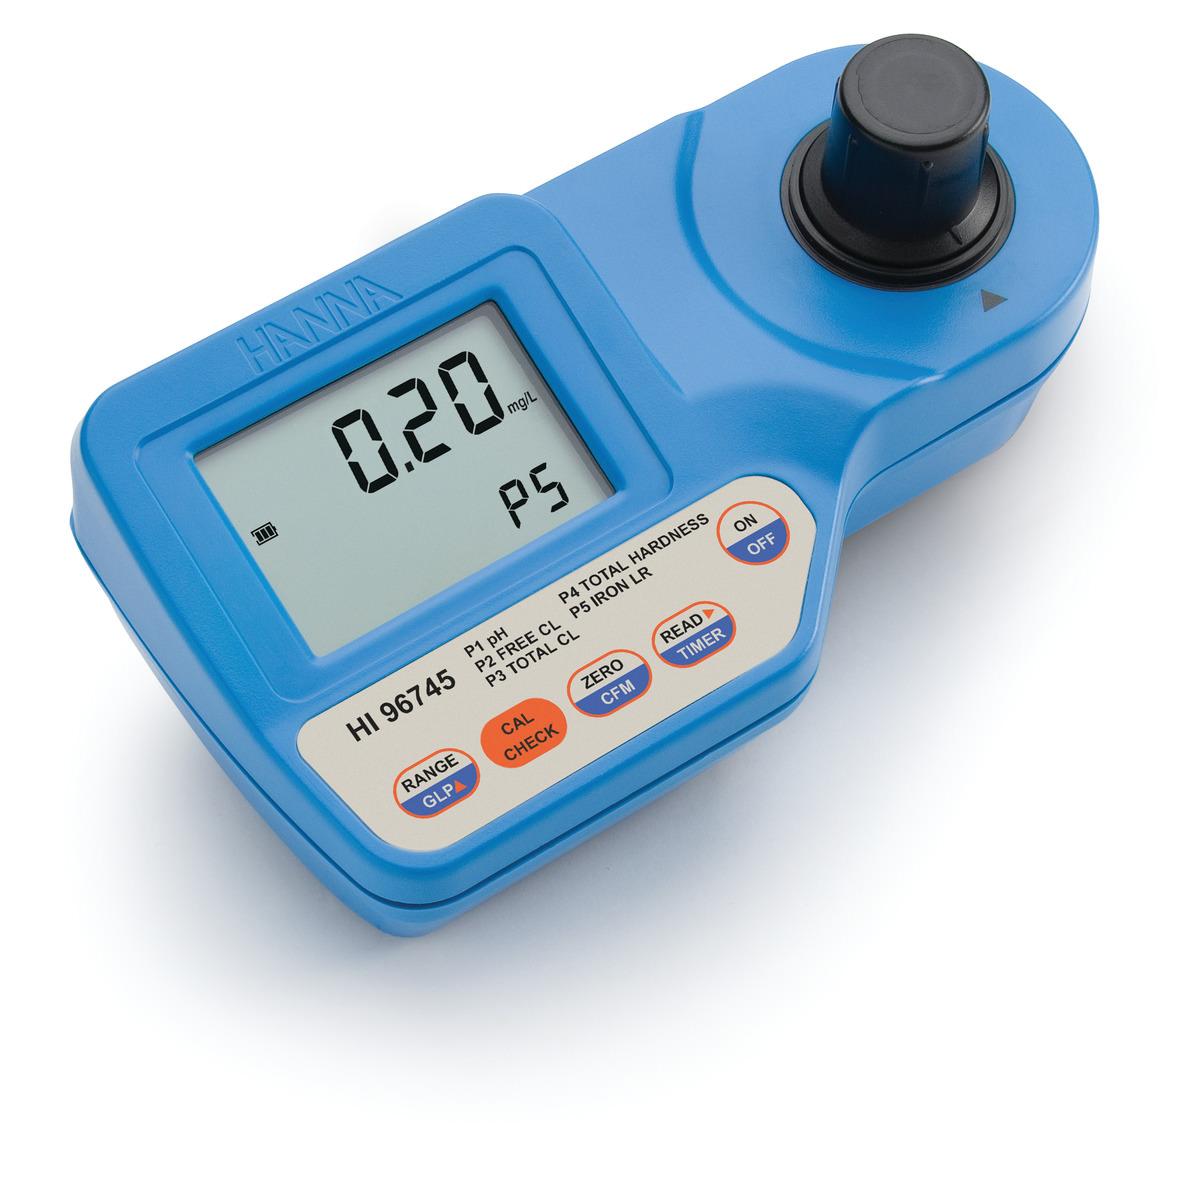 Fotometro per analisi pH, Durezza totale, Ferro, Cloro libero e totale per caldaie